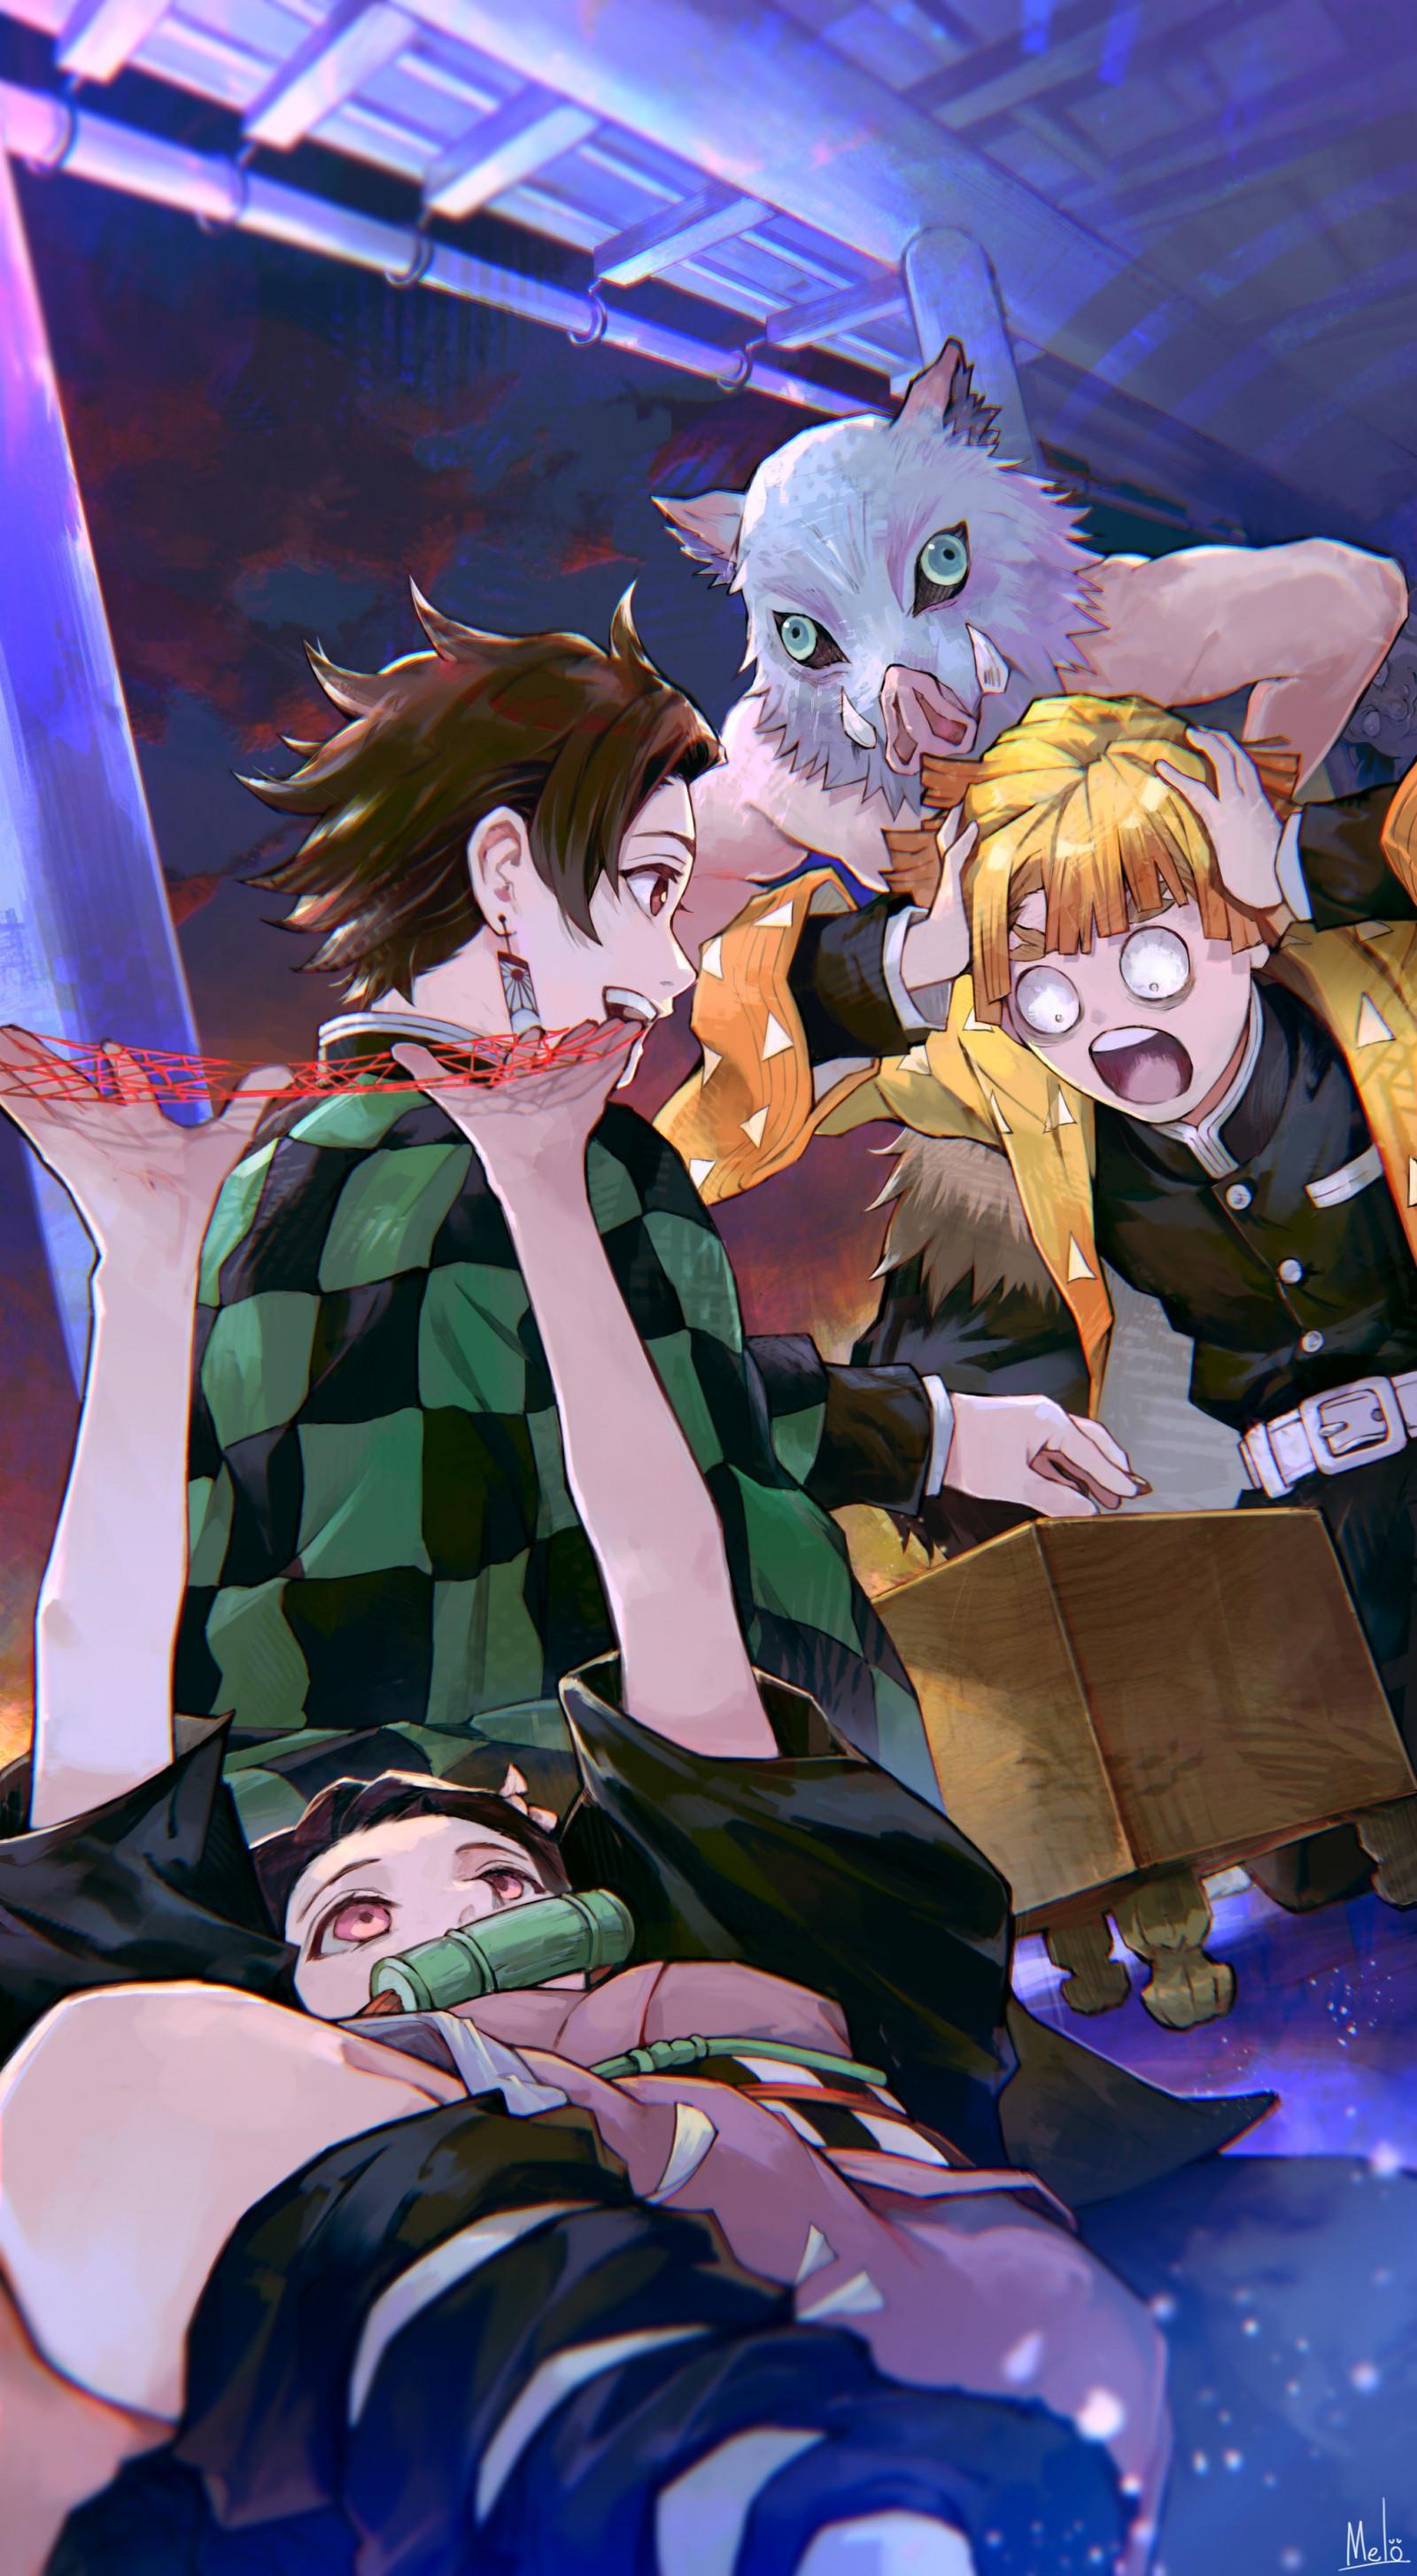 Fond d'écran : Kimetsu no Yaiba, Garçons anime, Filles anime, Kimono japonais, masque, 2D, Fan ...